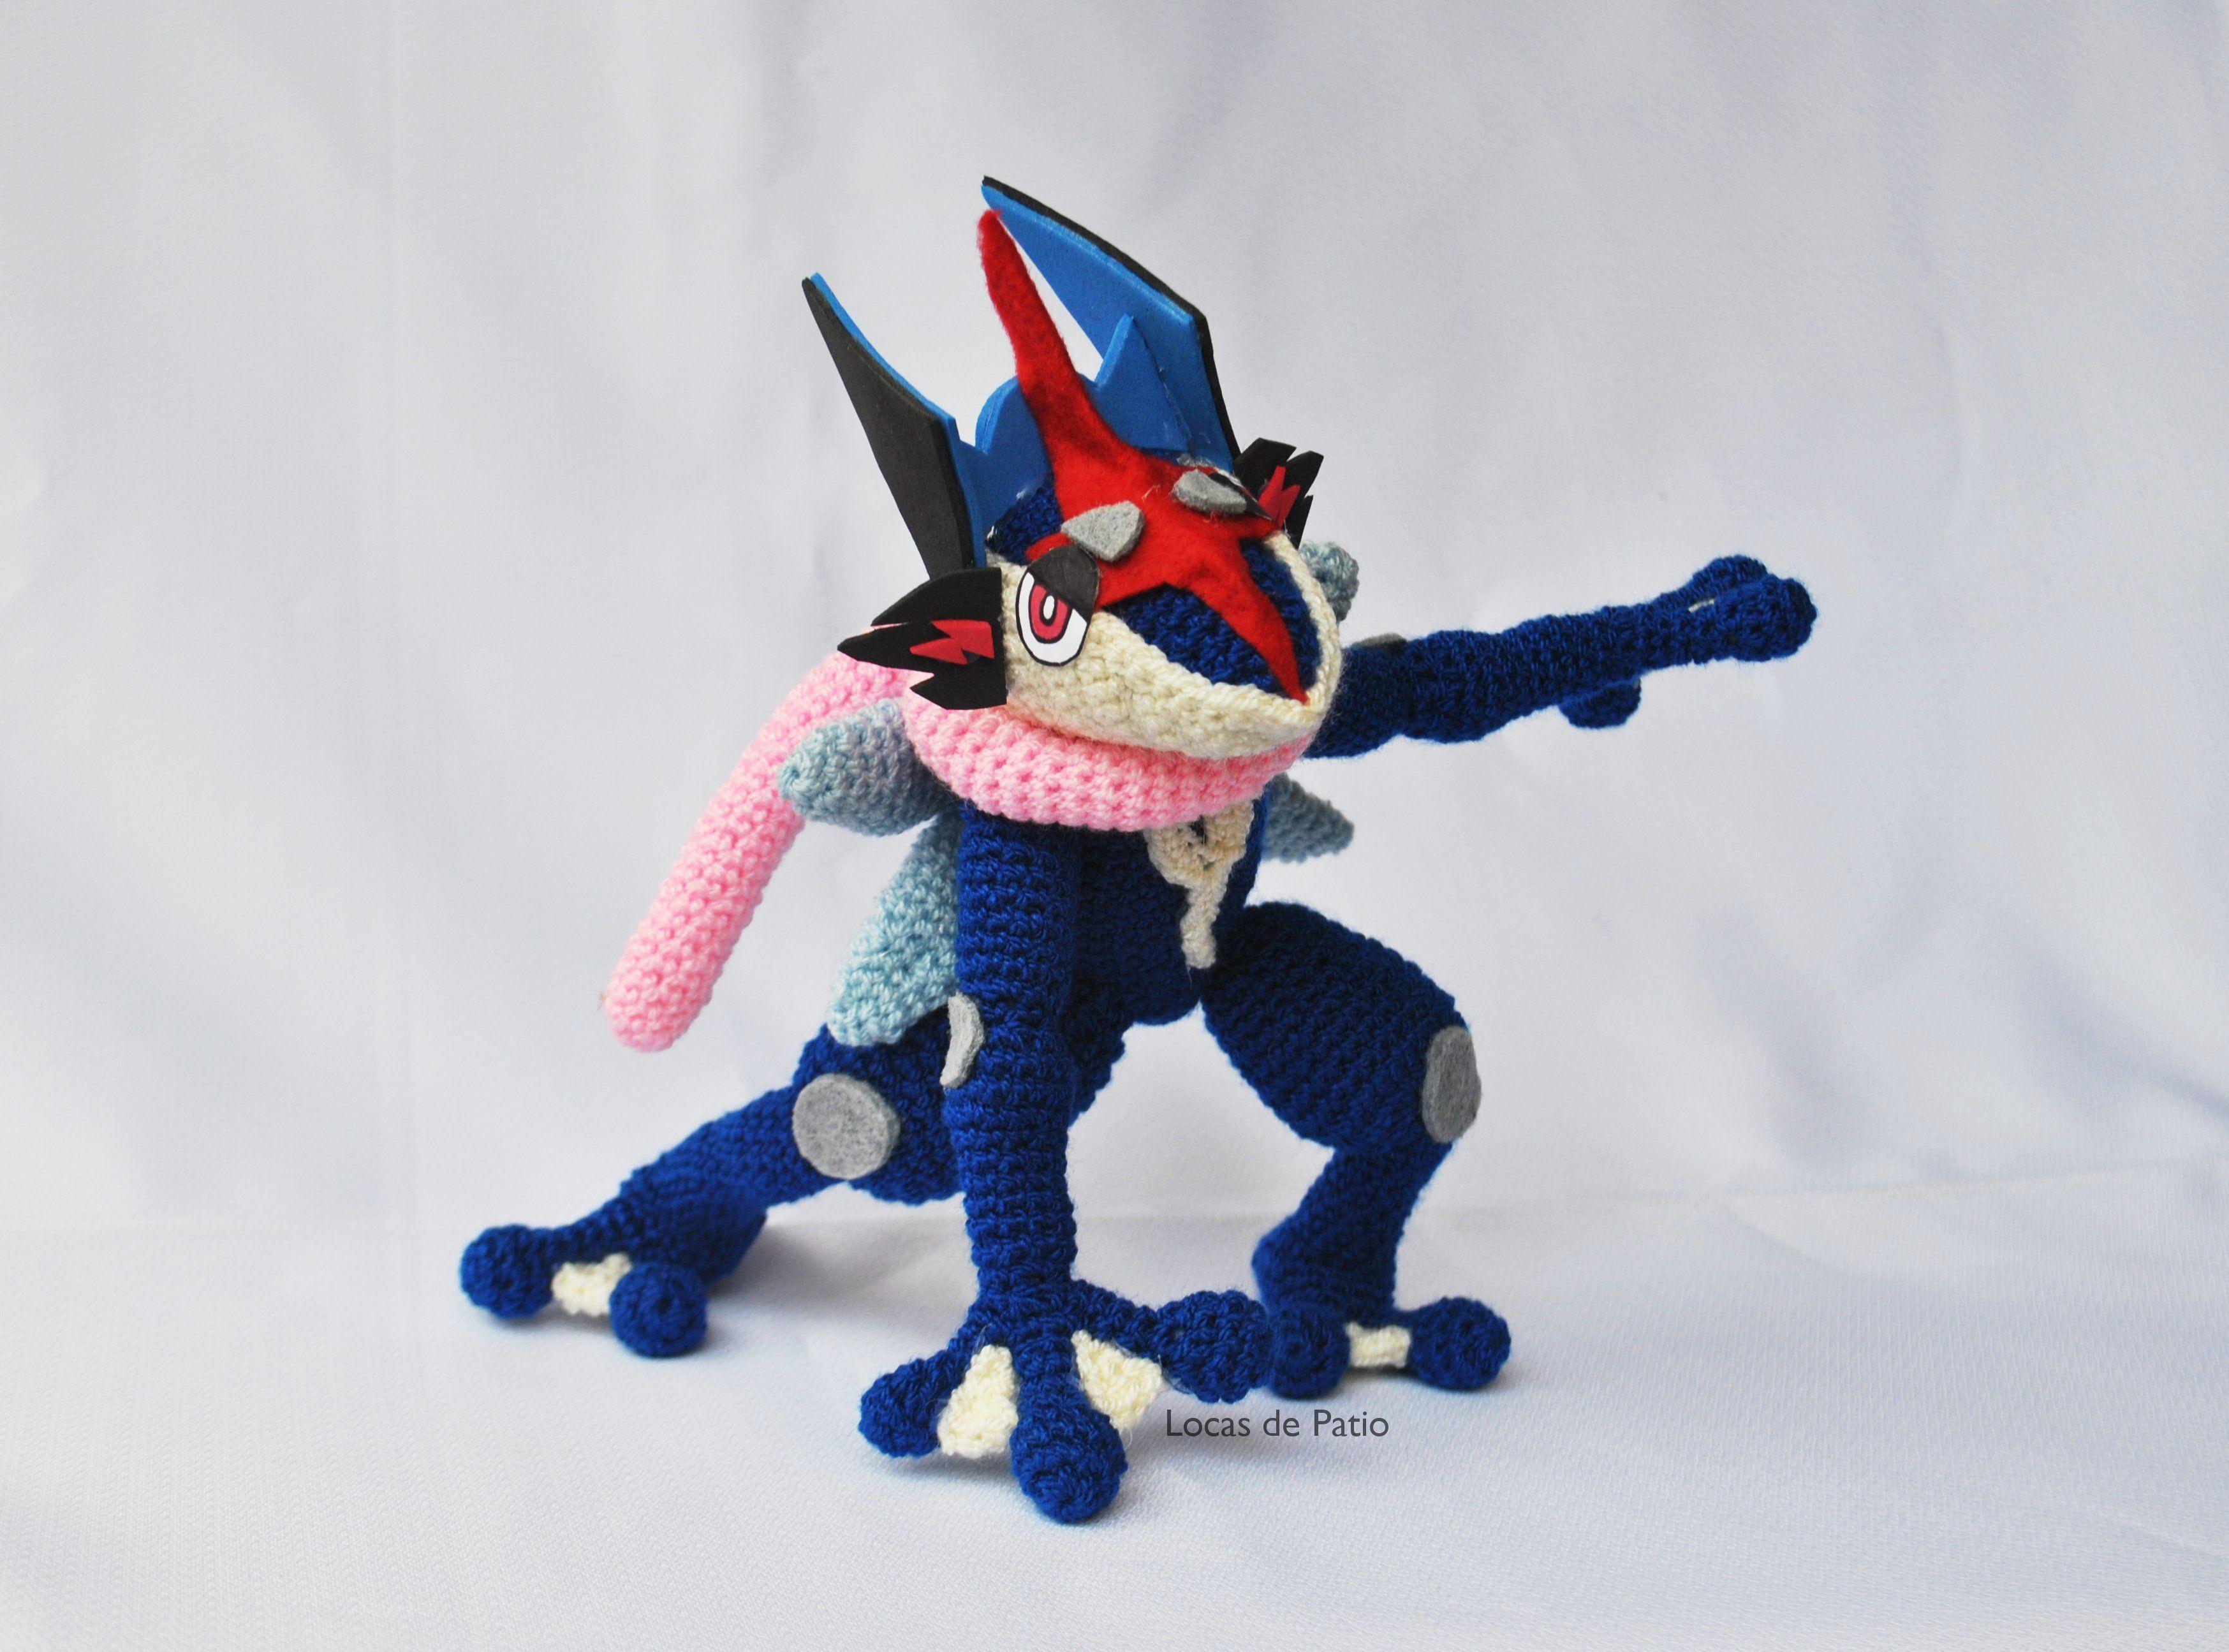 Amigurumi Greninja de Pokémon, tejido por Locas de Patio. | Locas de ...